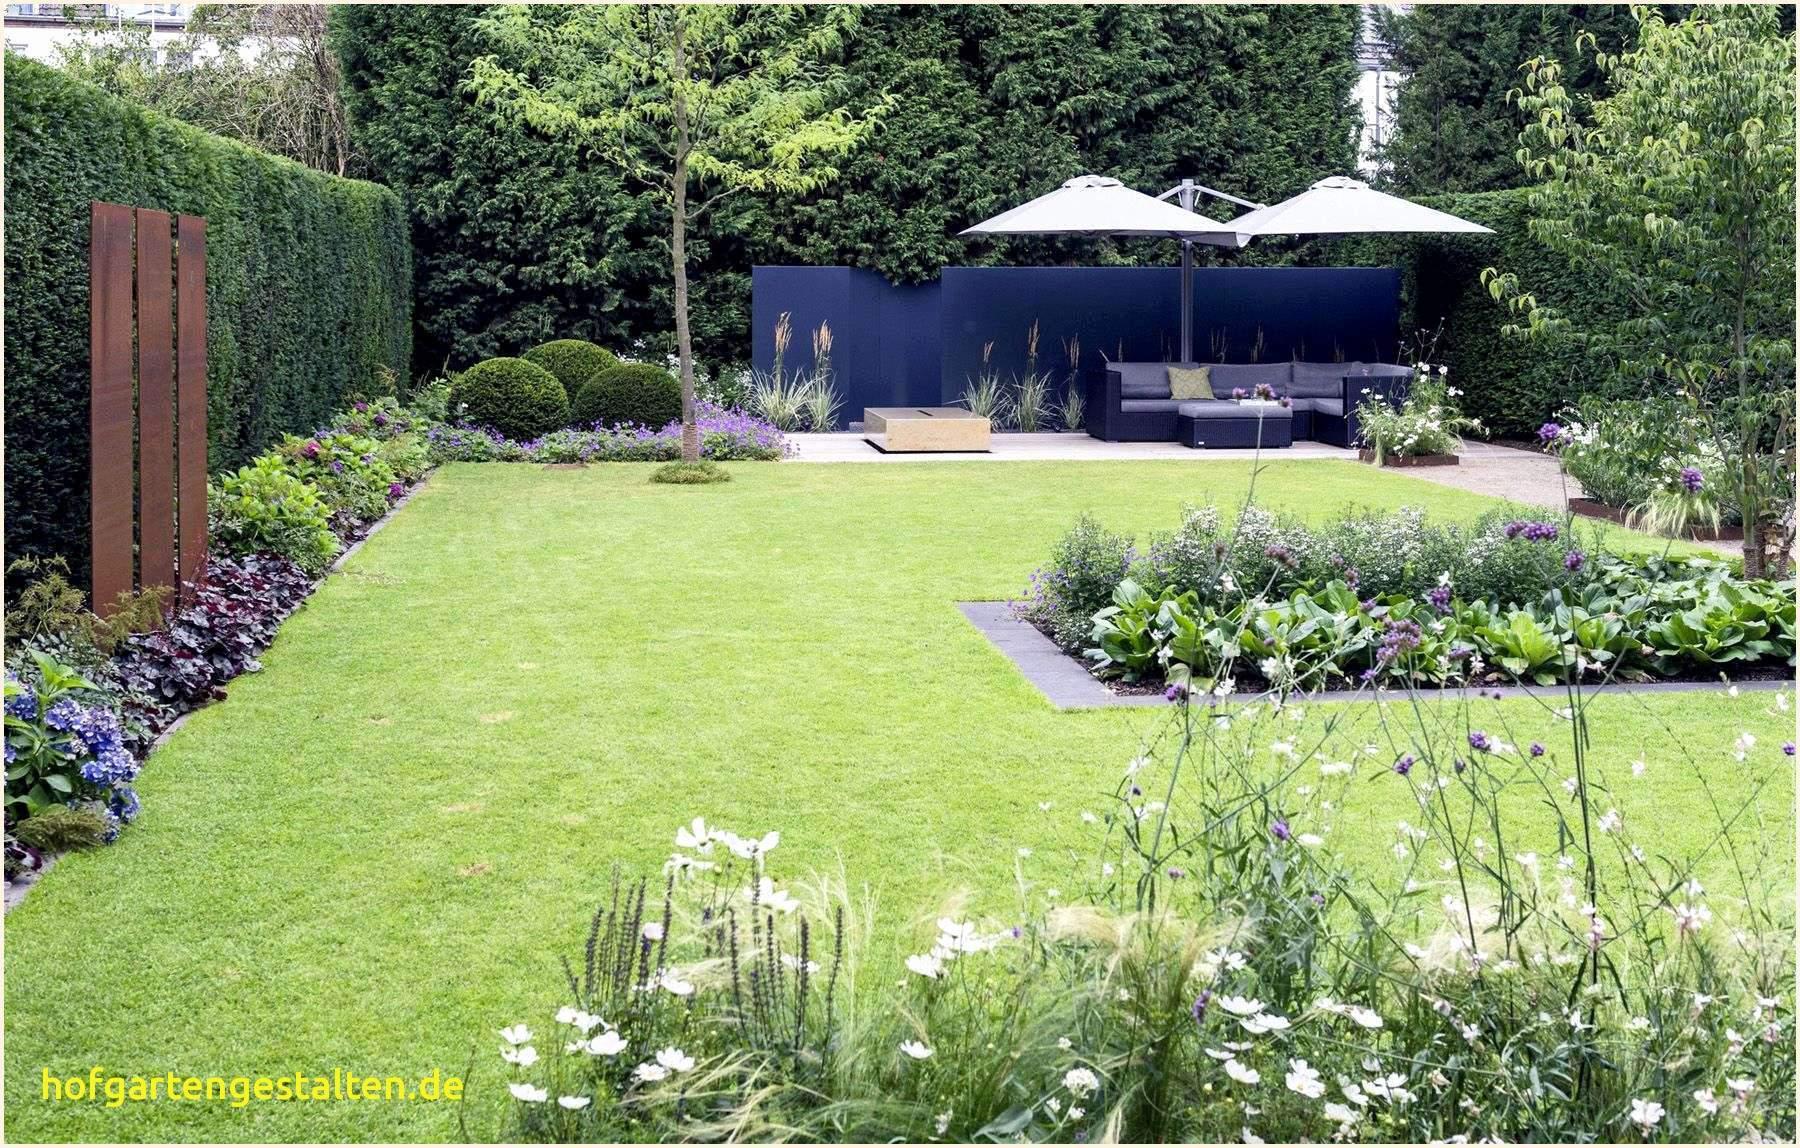 Botanischer Garten Berlin Inspirierend 31 Elegant Blumen Im Garten Elegant